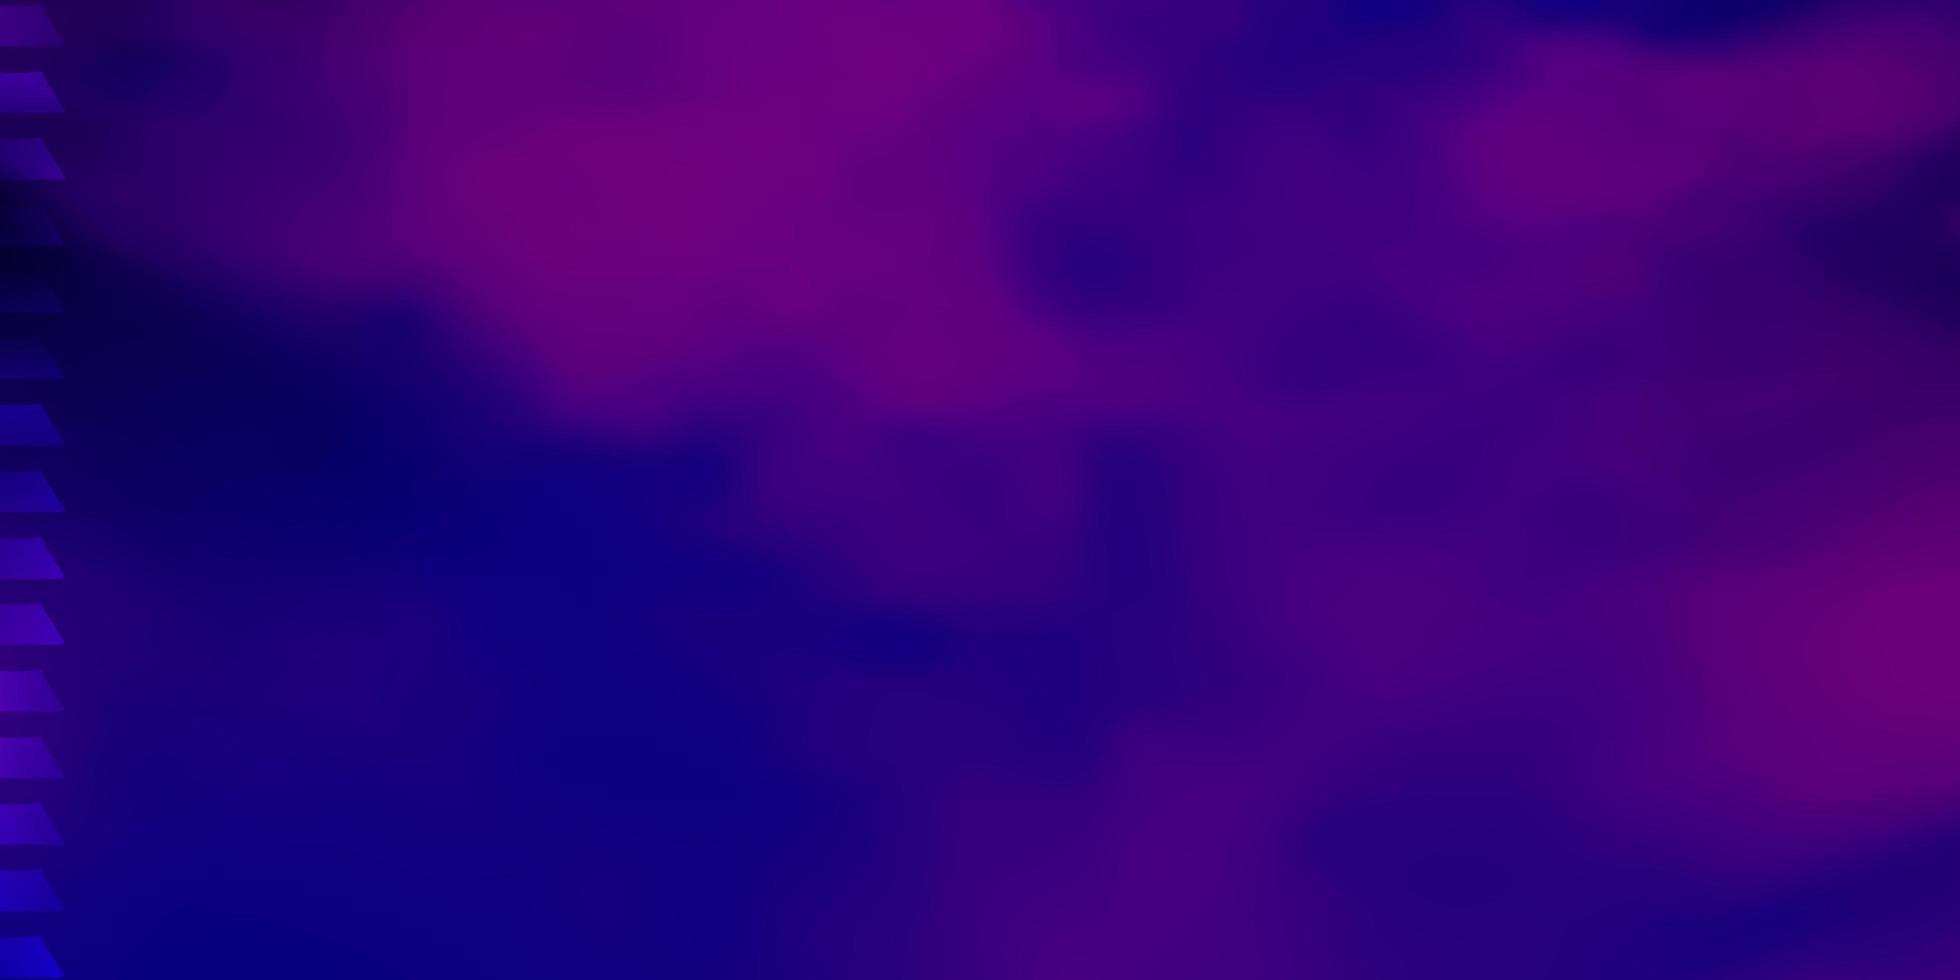 ljuslila, rosa vektorbakgrund med rektanglar. vektor